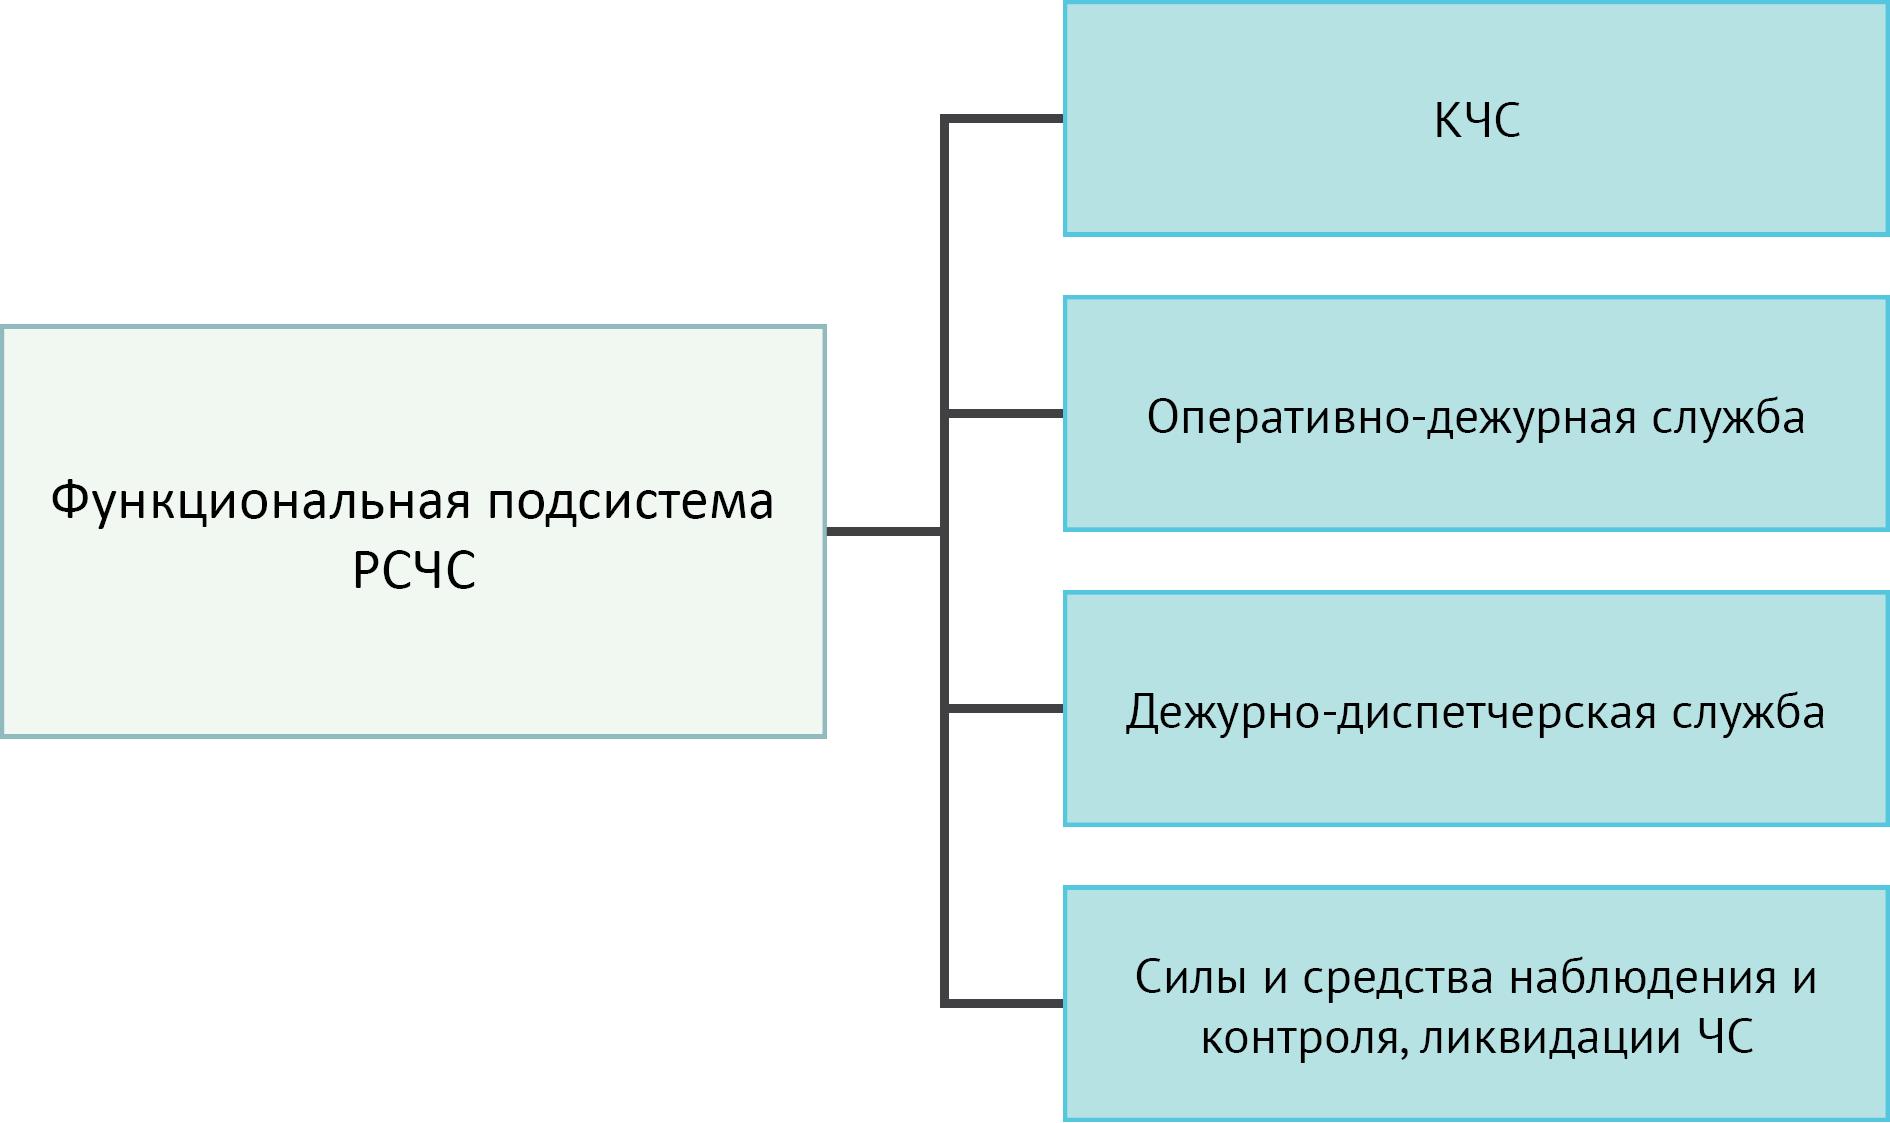 obyazannosti-chlenov-kchs